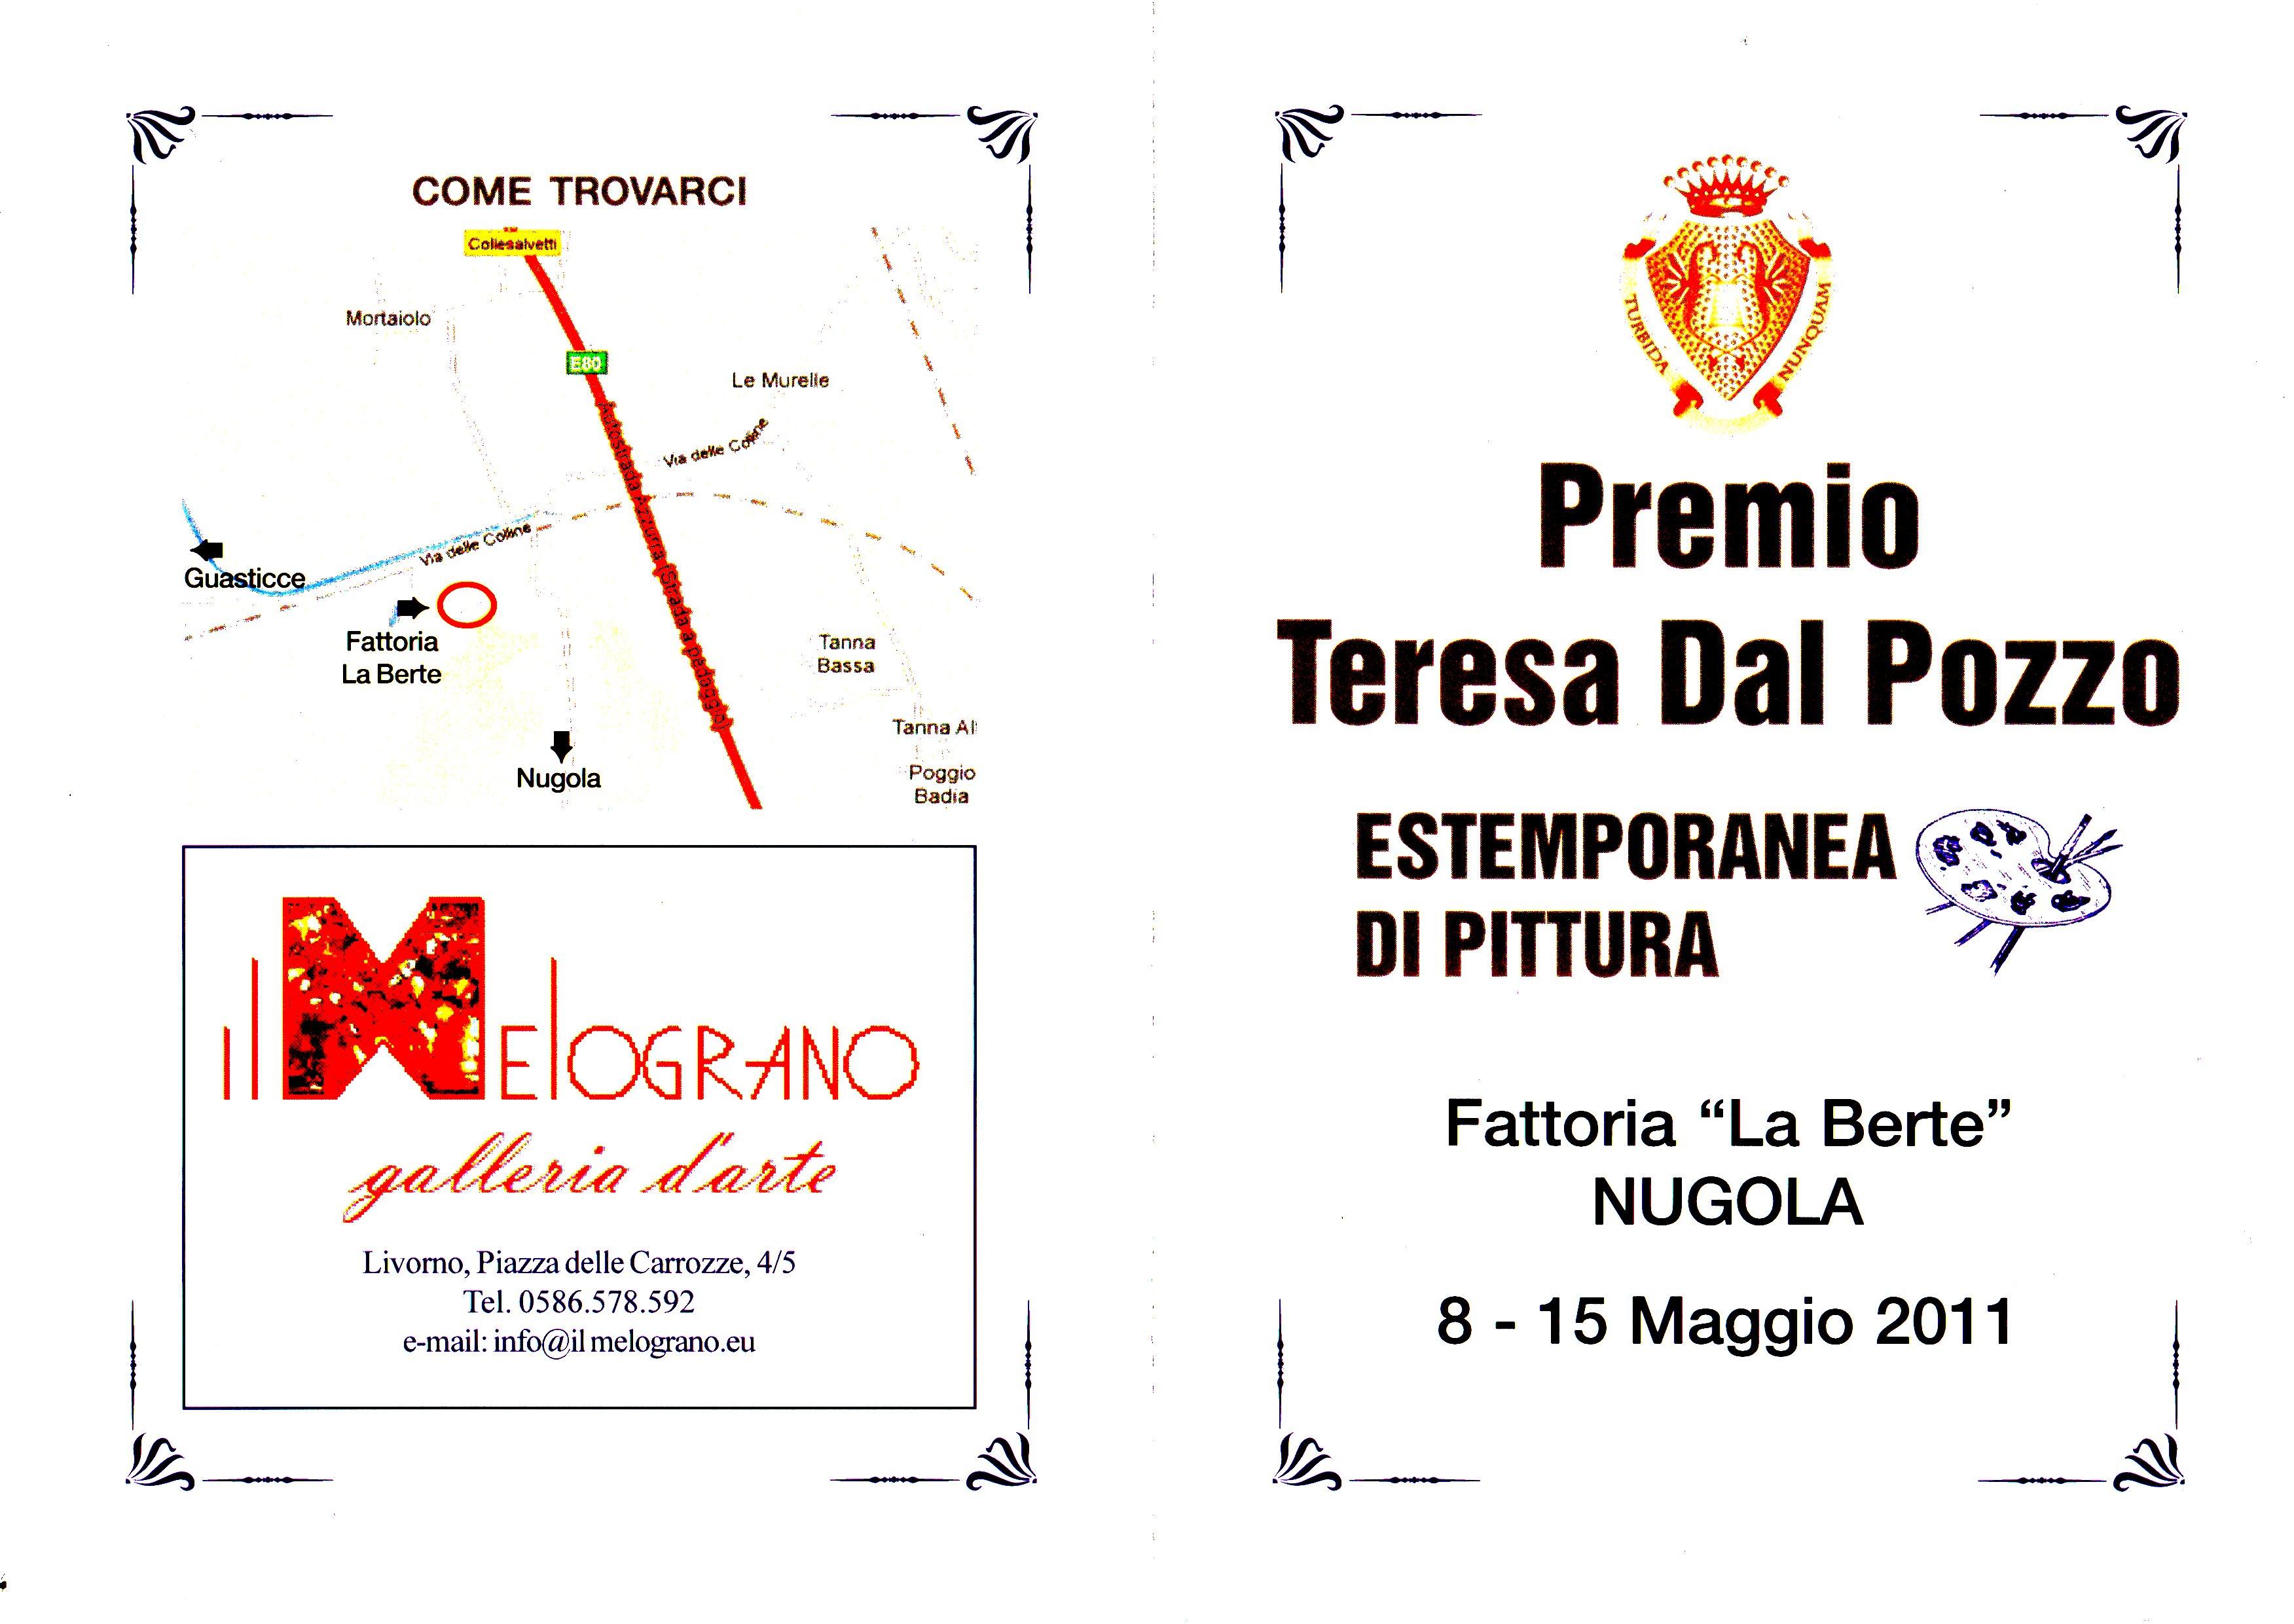 PREMIO TERESA DAL POZZO  8-15 maggio 2011